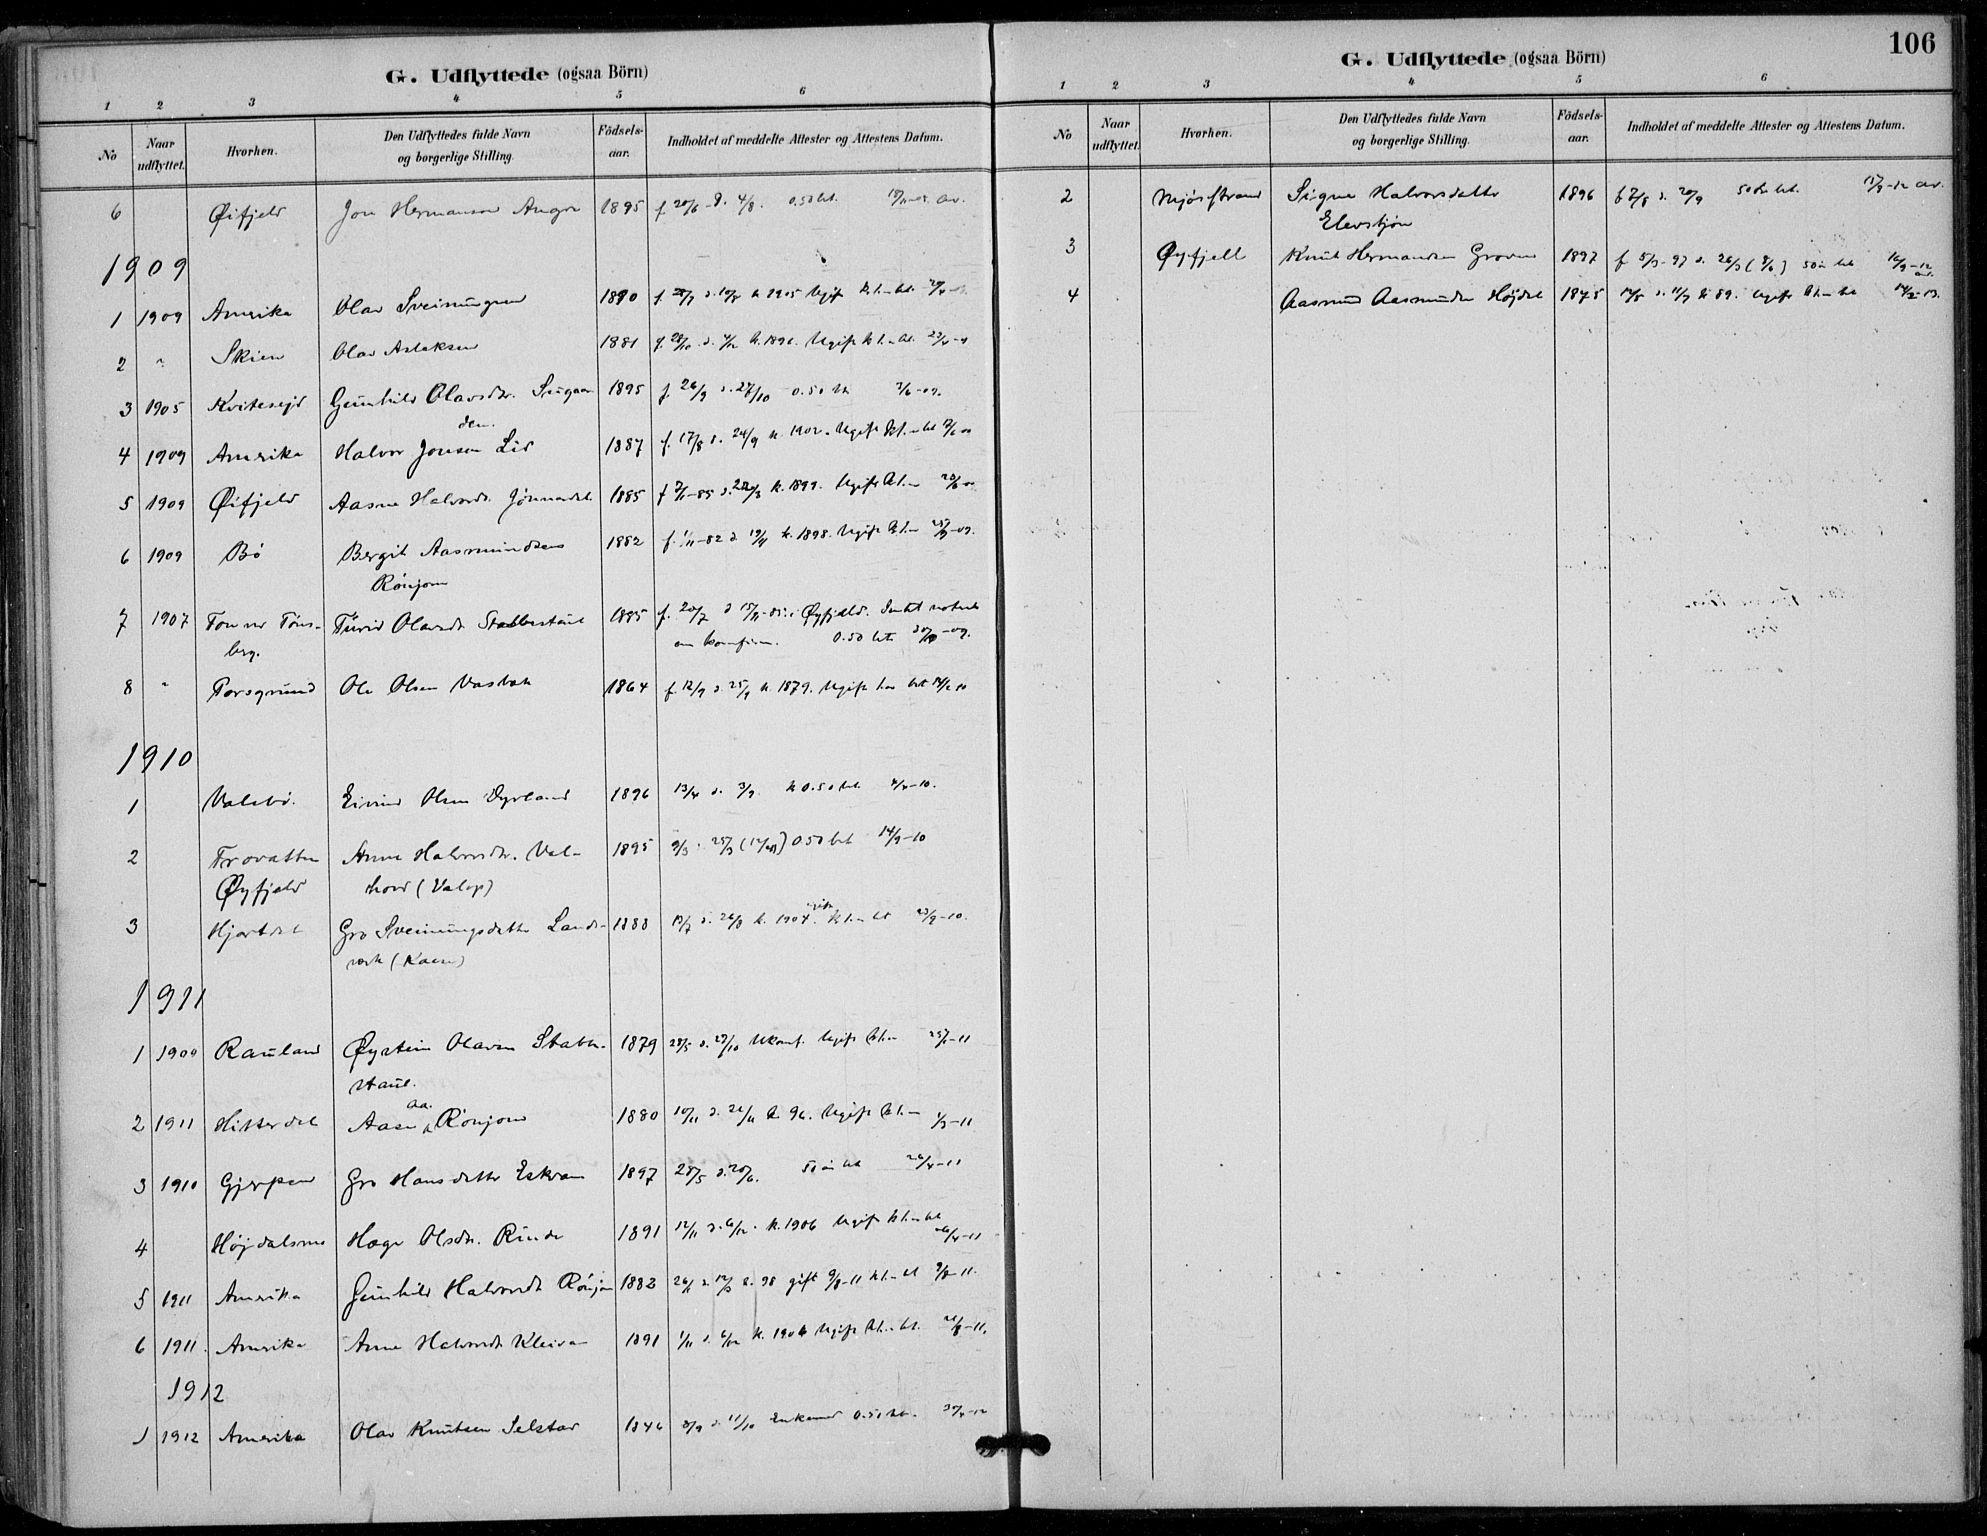 SAKO, Seljord kirkebøker, F/Fc/L0002: Ministerialbok nr. III 2, 1887-1920, s. 106